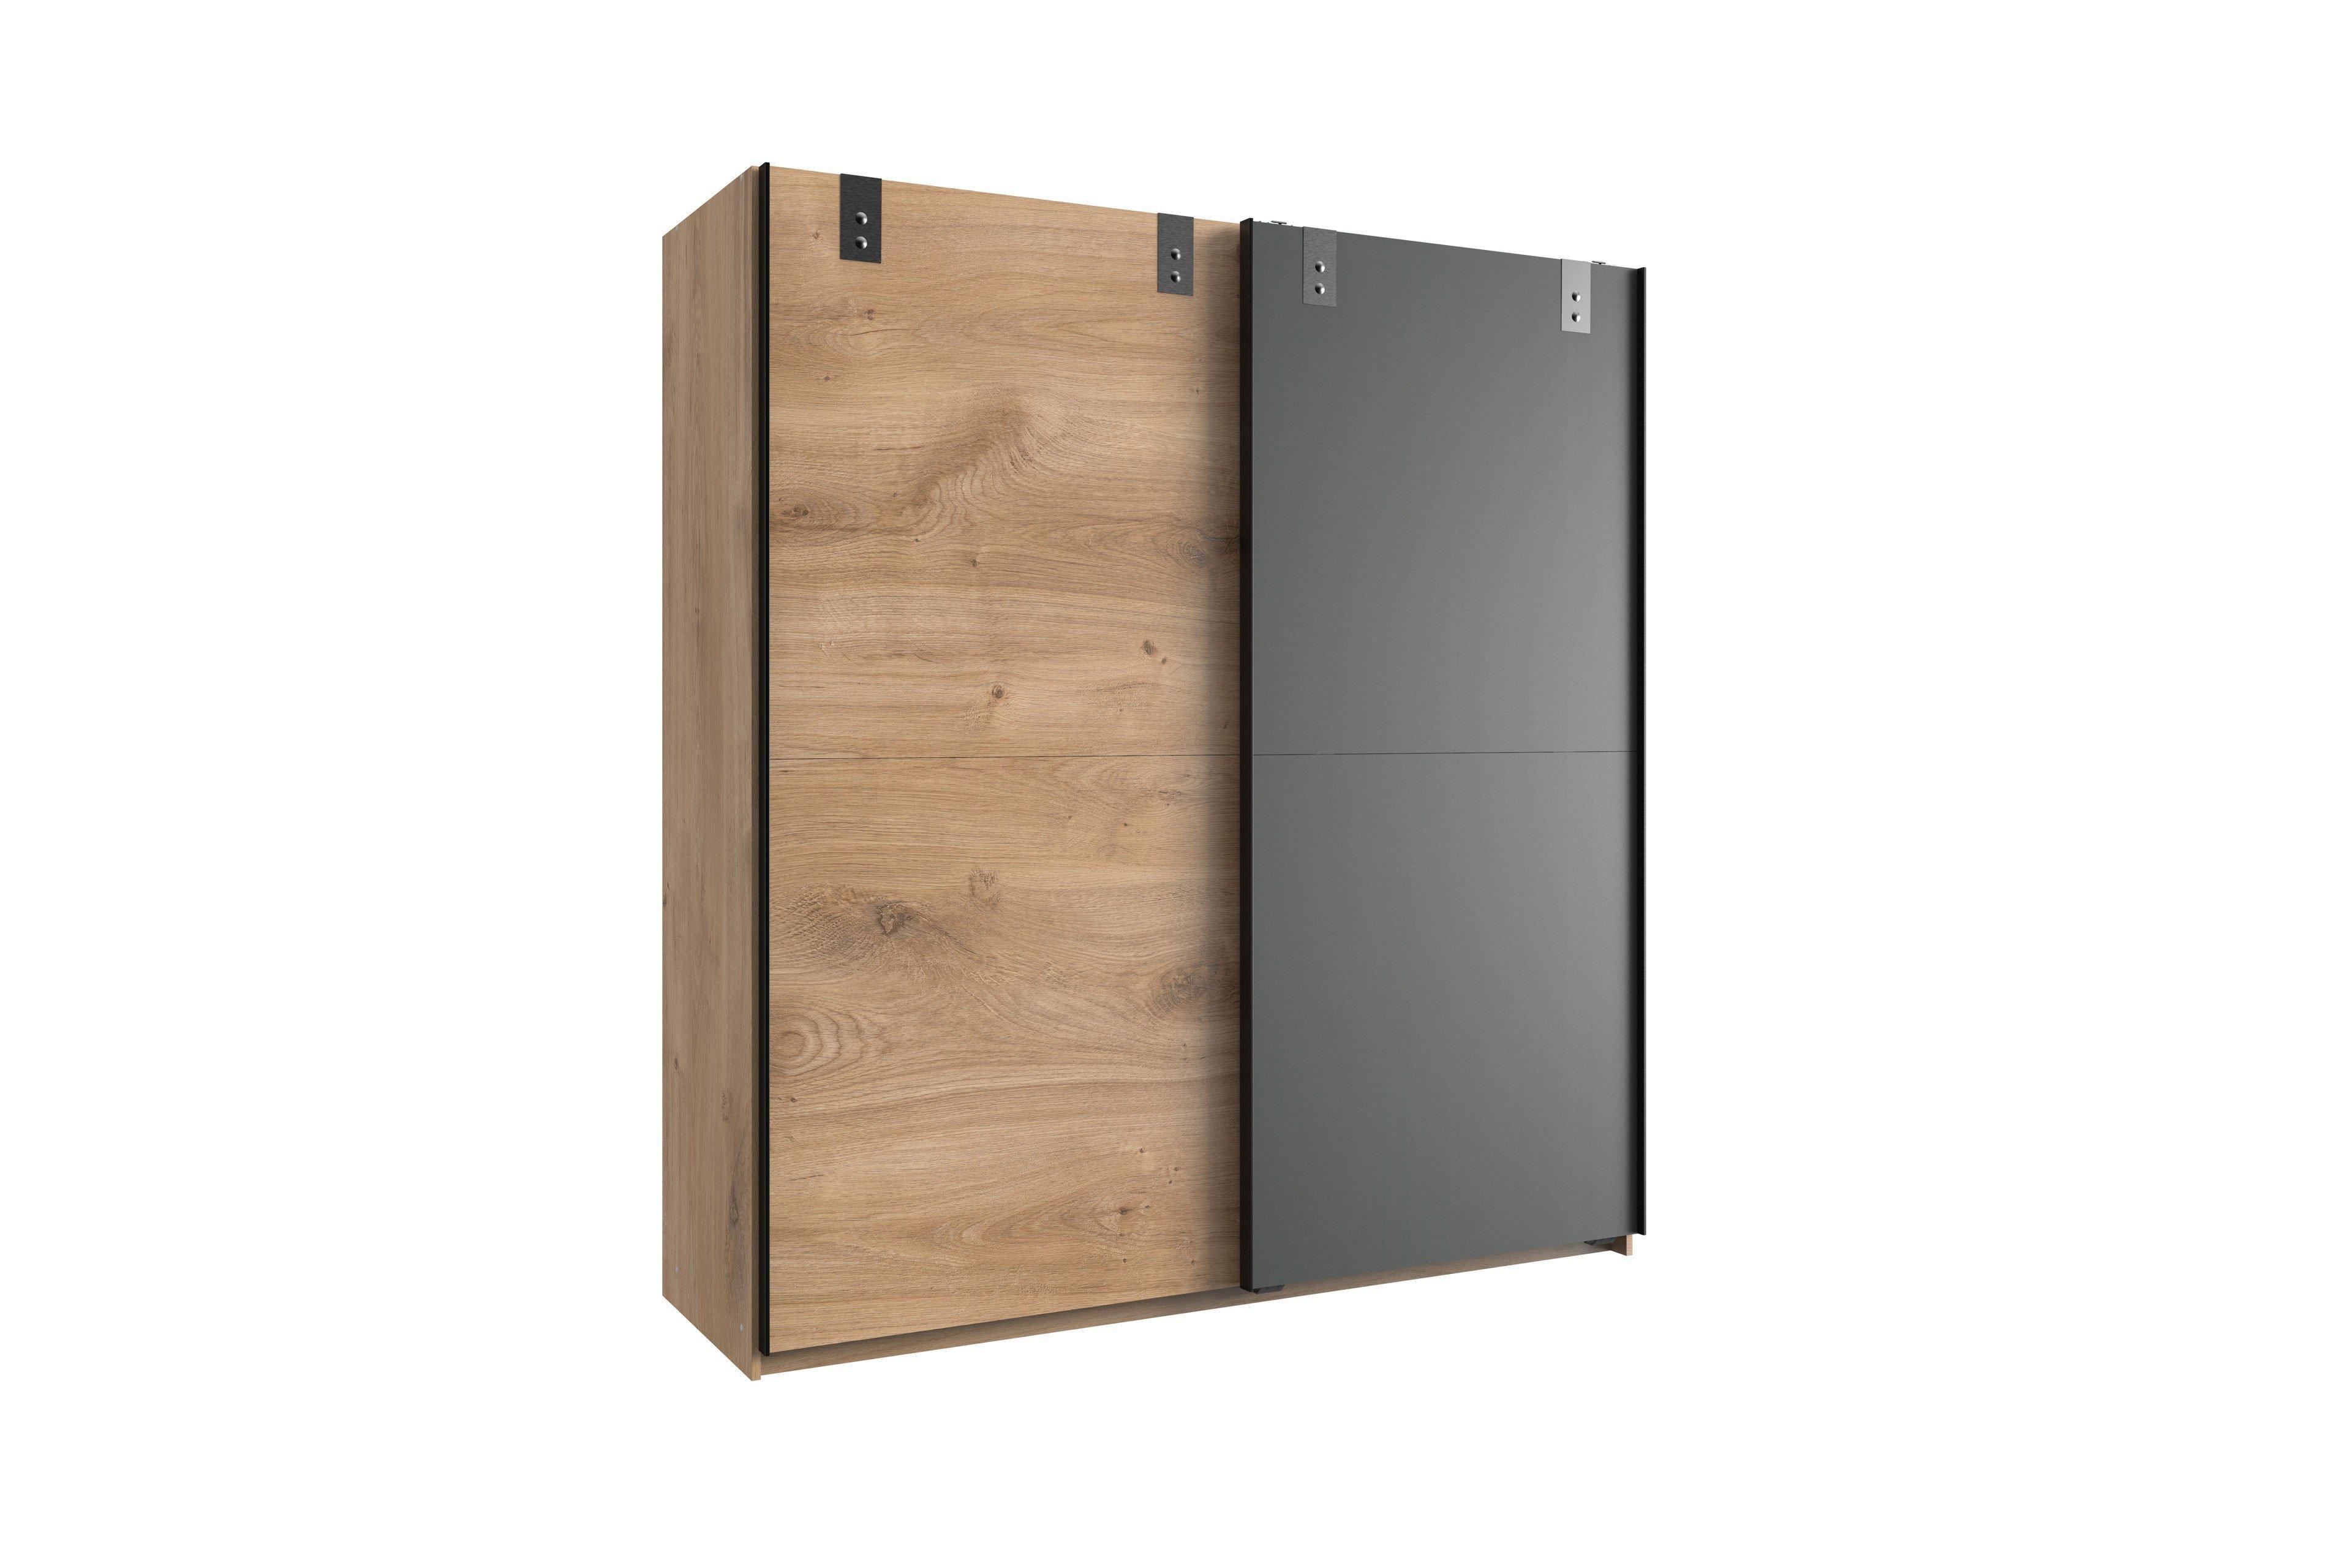 liverpool von wimex kleiderschrank mit schwebet ren. Black Bedroom Furniture Sets. Home Design Ideas